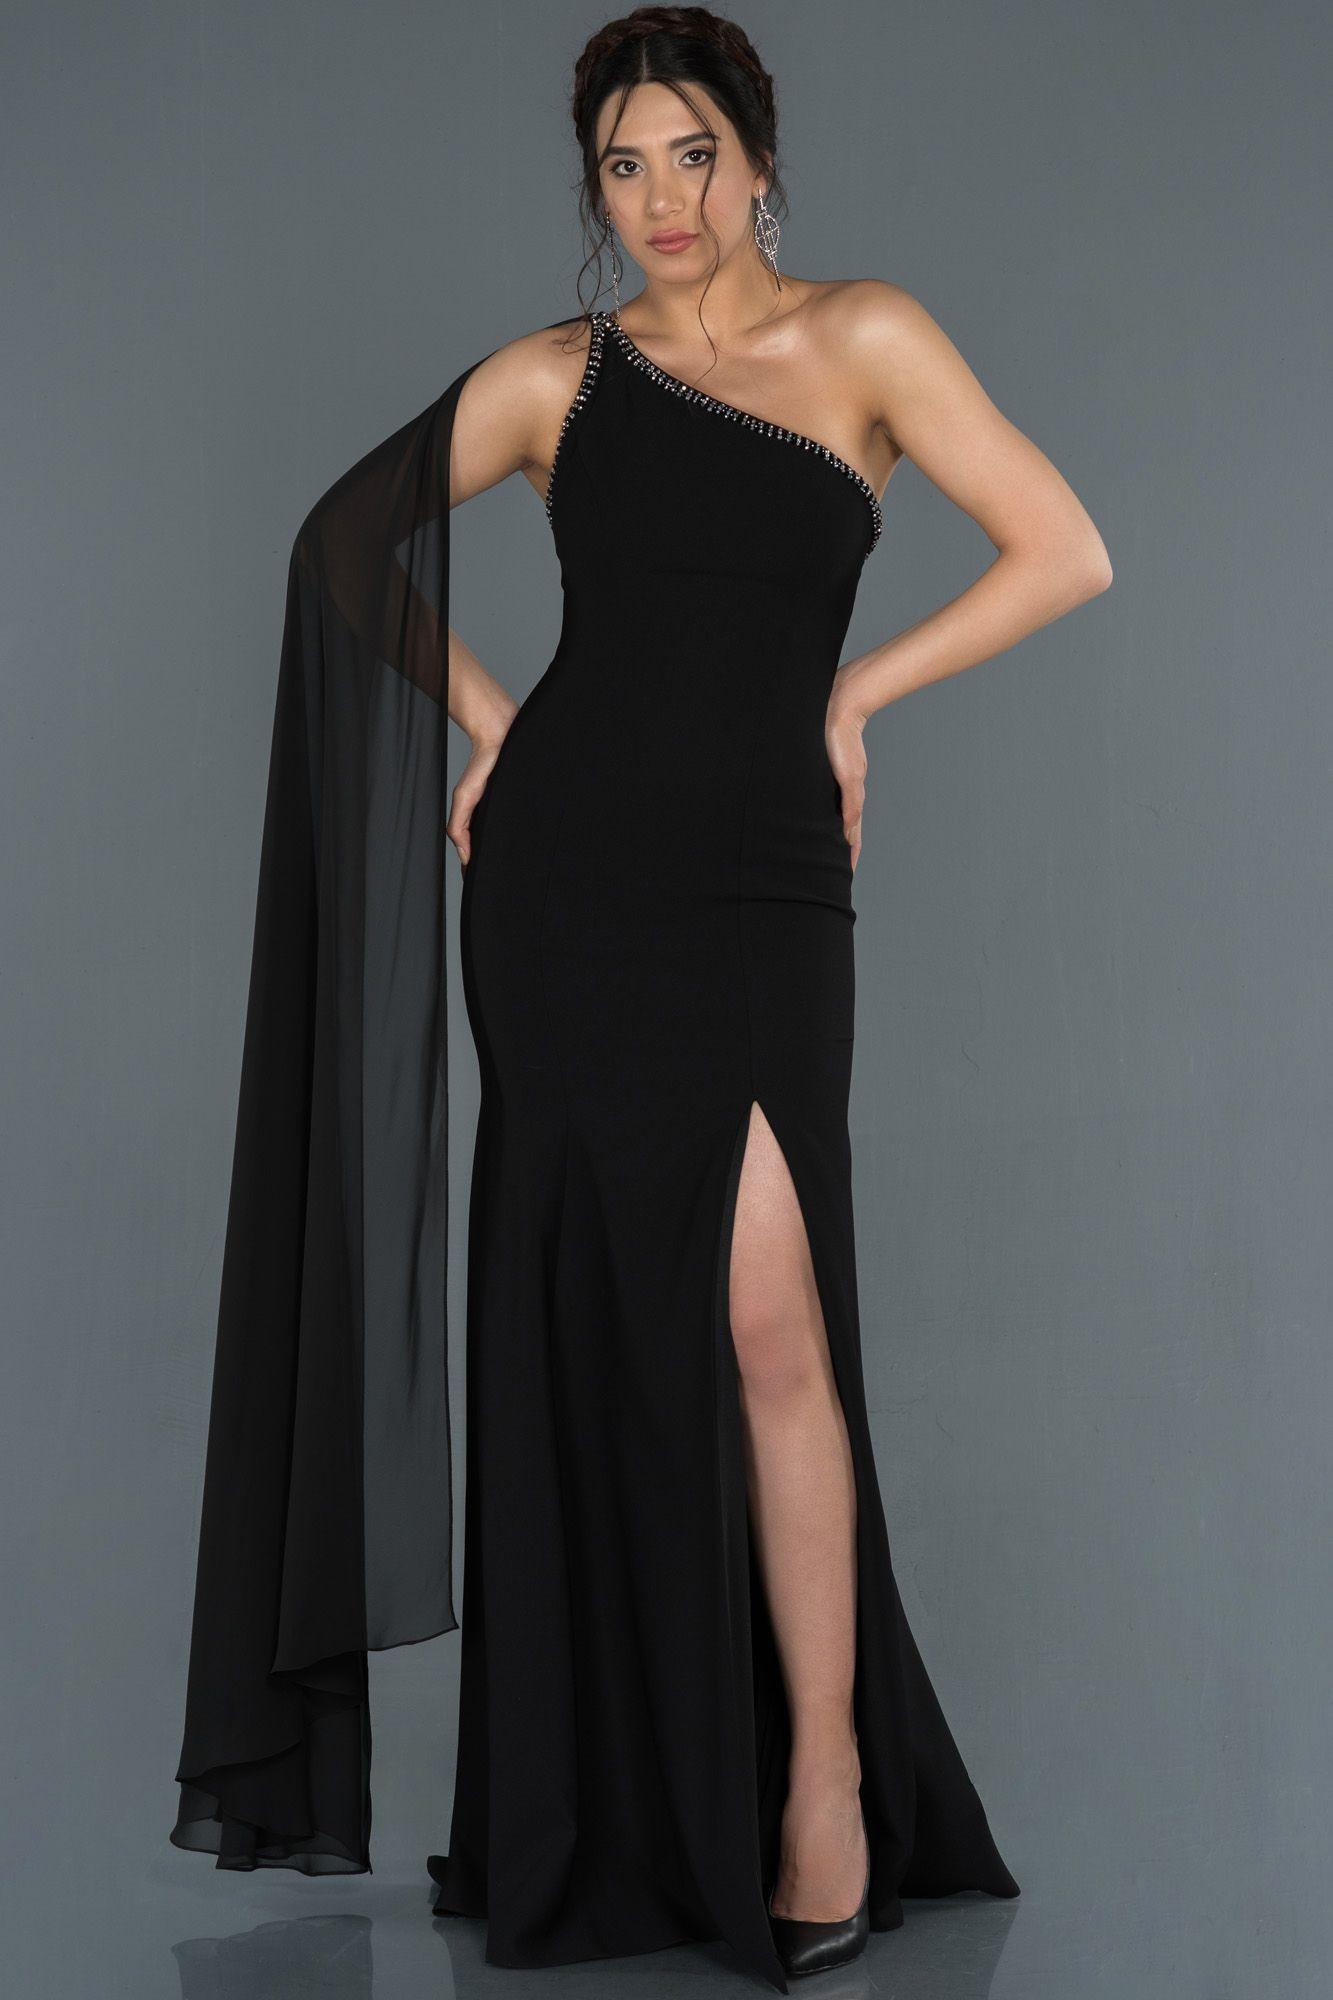 Siyah Bacak Ve Sirt Dekolteli Balik Abiye Abu1339 2020 Elbise Modelleri Elbise The Dress